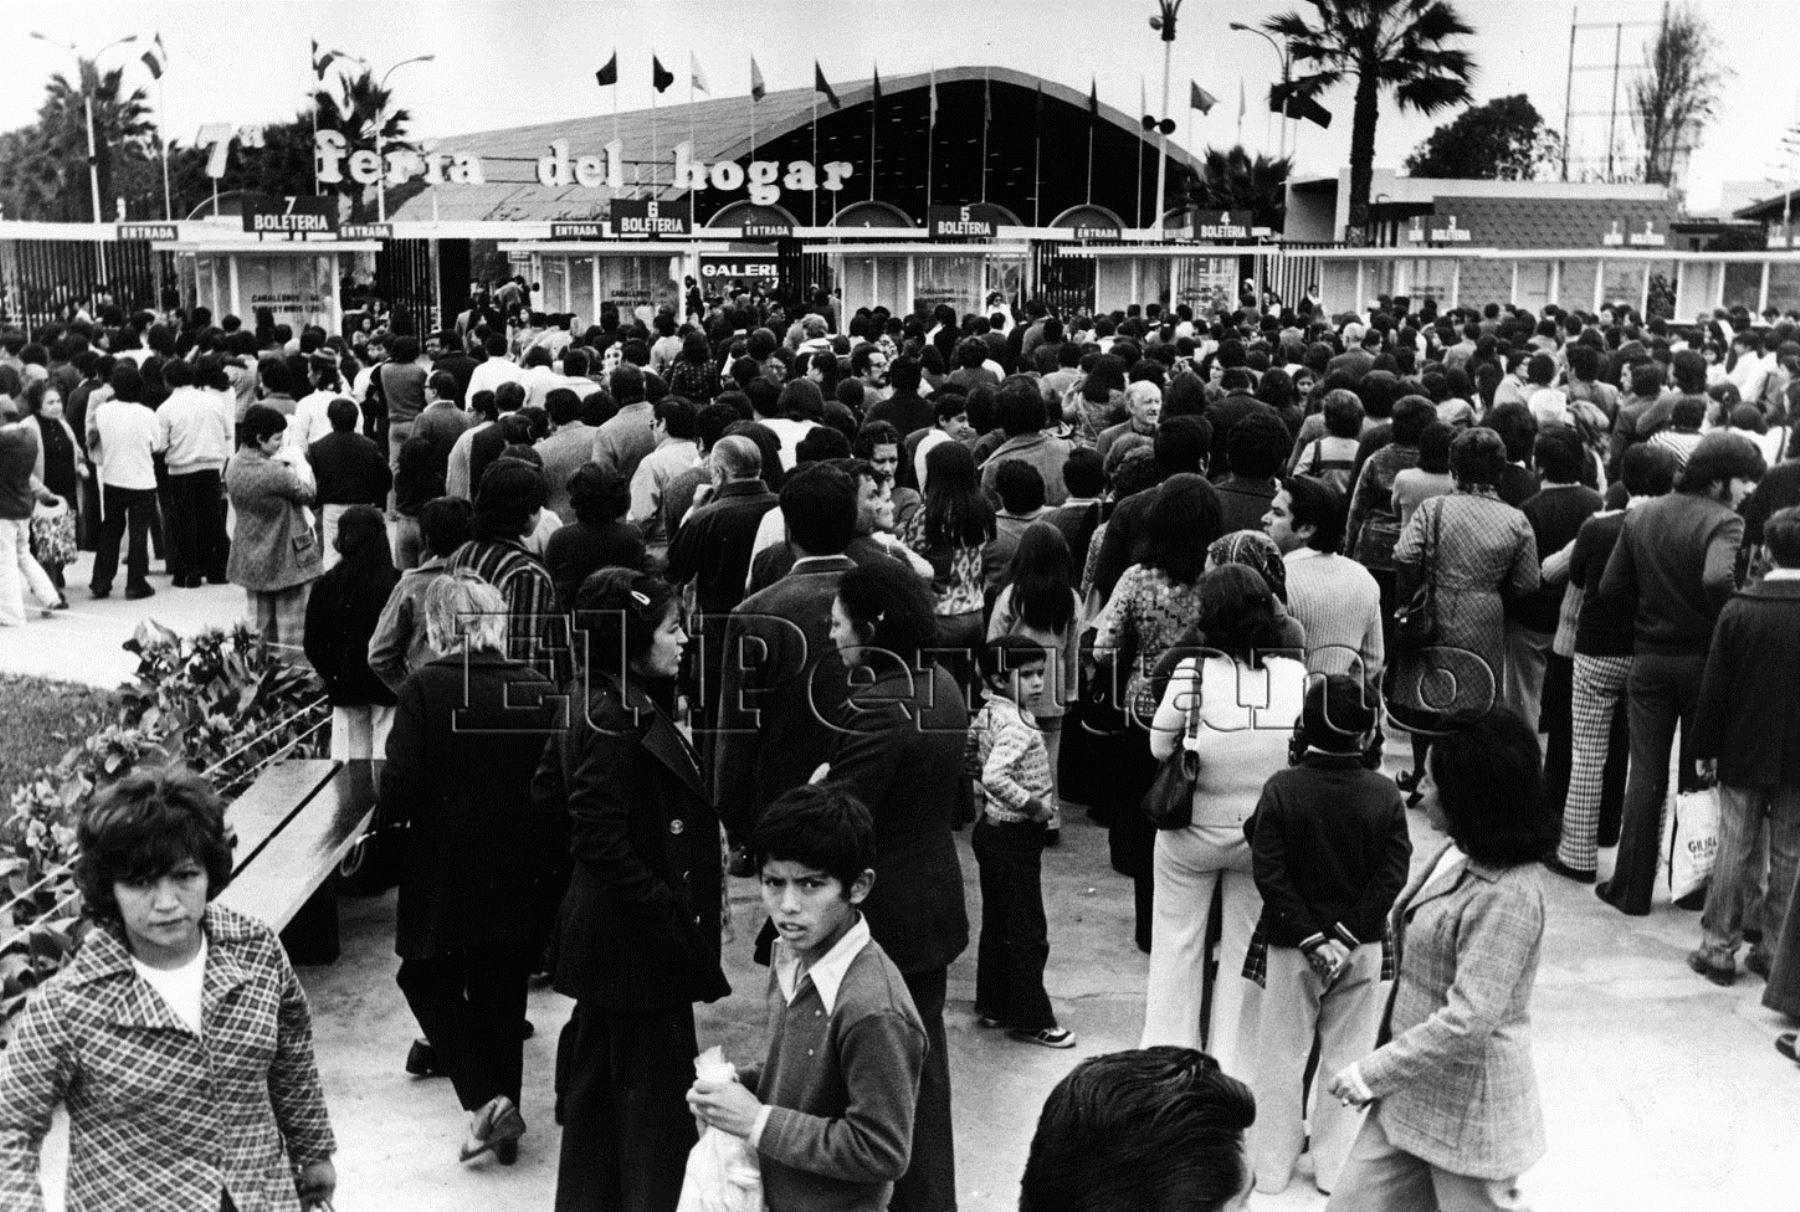 En estas fotografías del archivo histórico del Diario Oficial El Peruano se puede apreciar la euforia que desataba la recordada Feria del Hogar. Foto: Archivo Histórico El Peruano